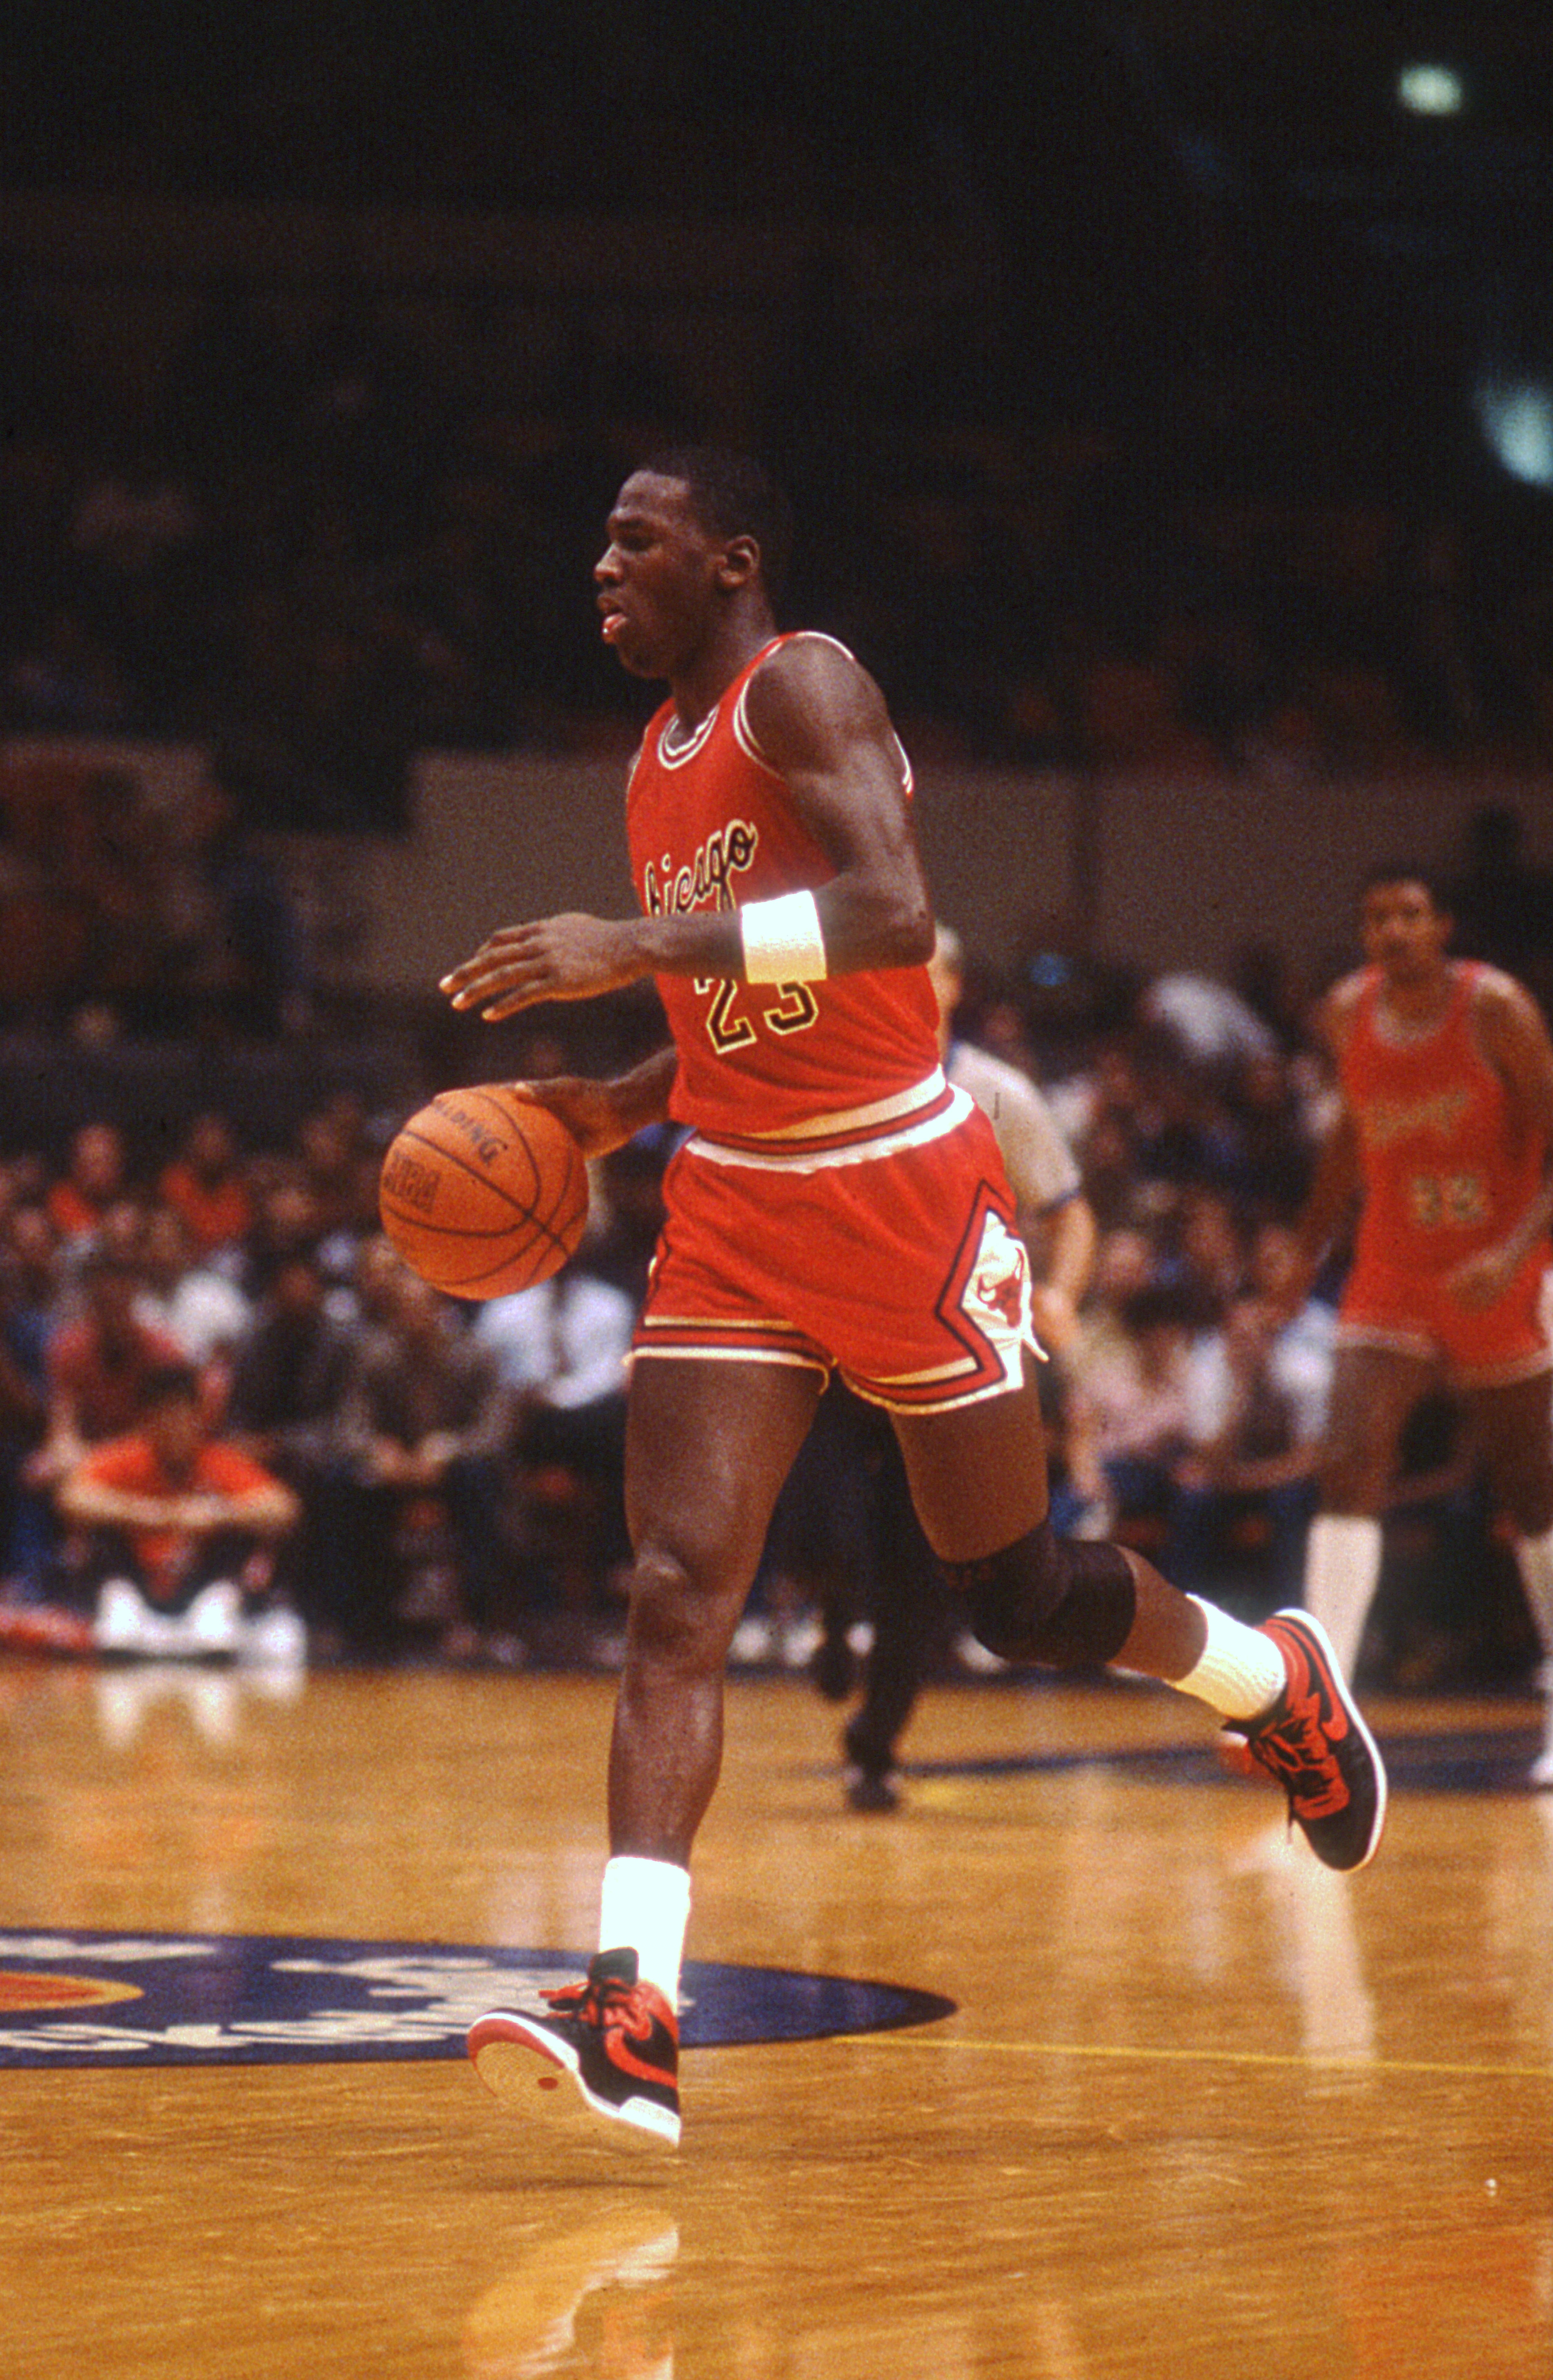 NBA tried to ban the Air Jordans when